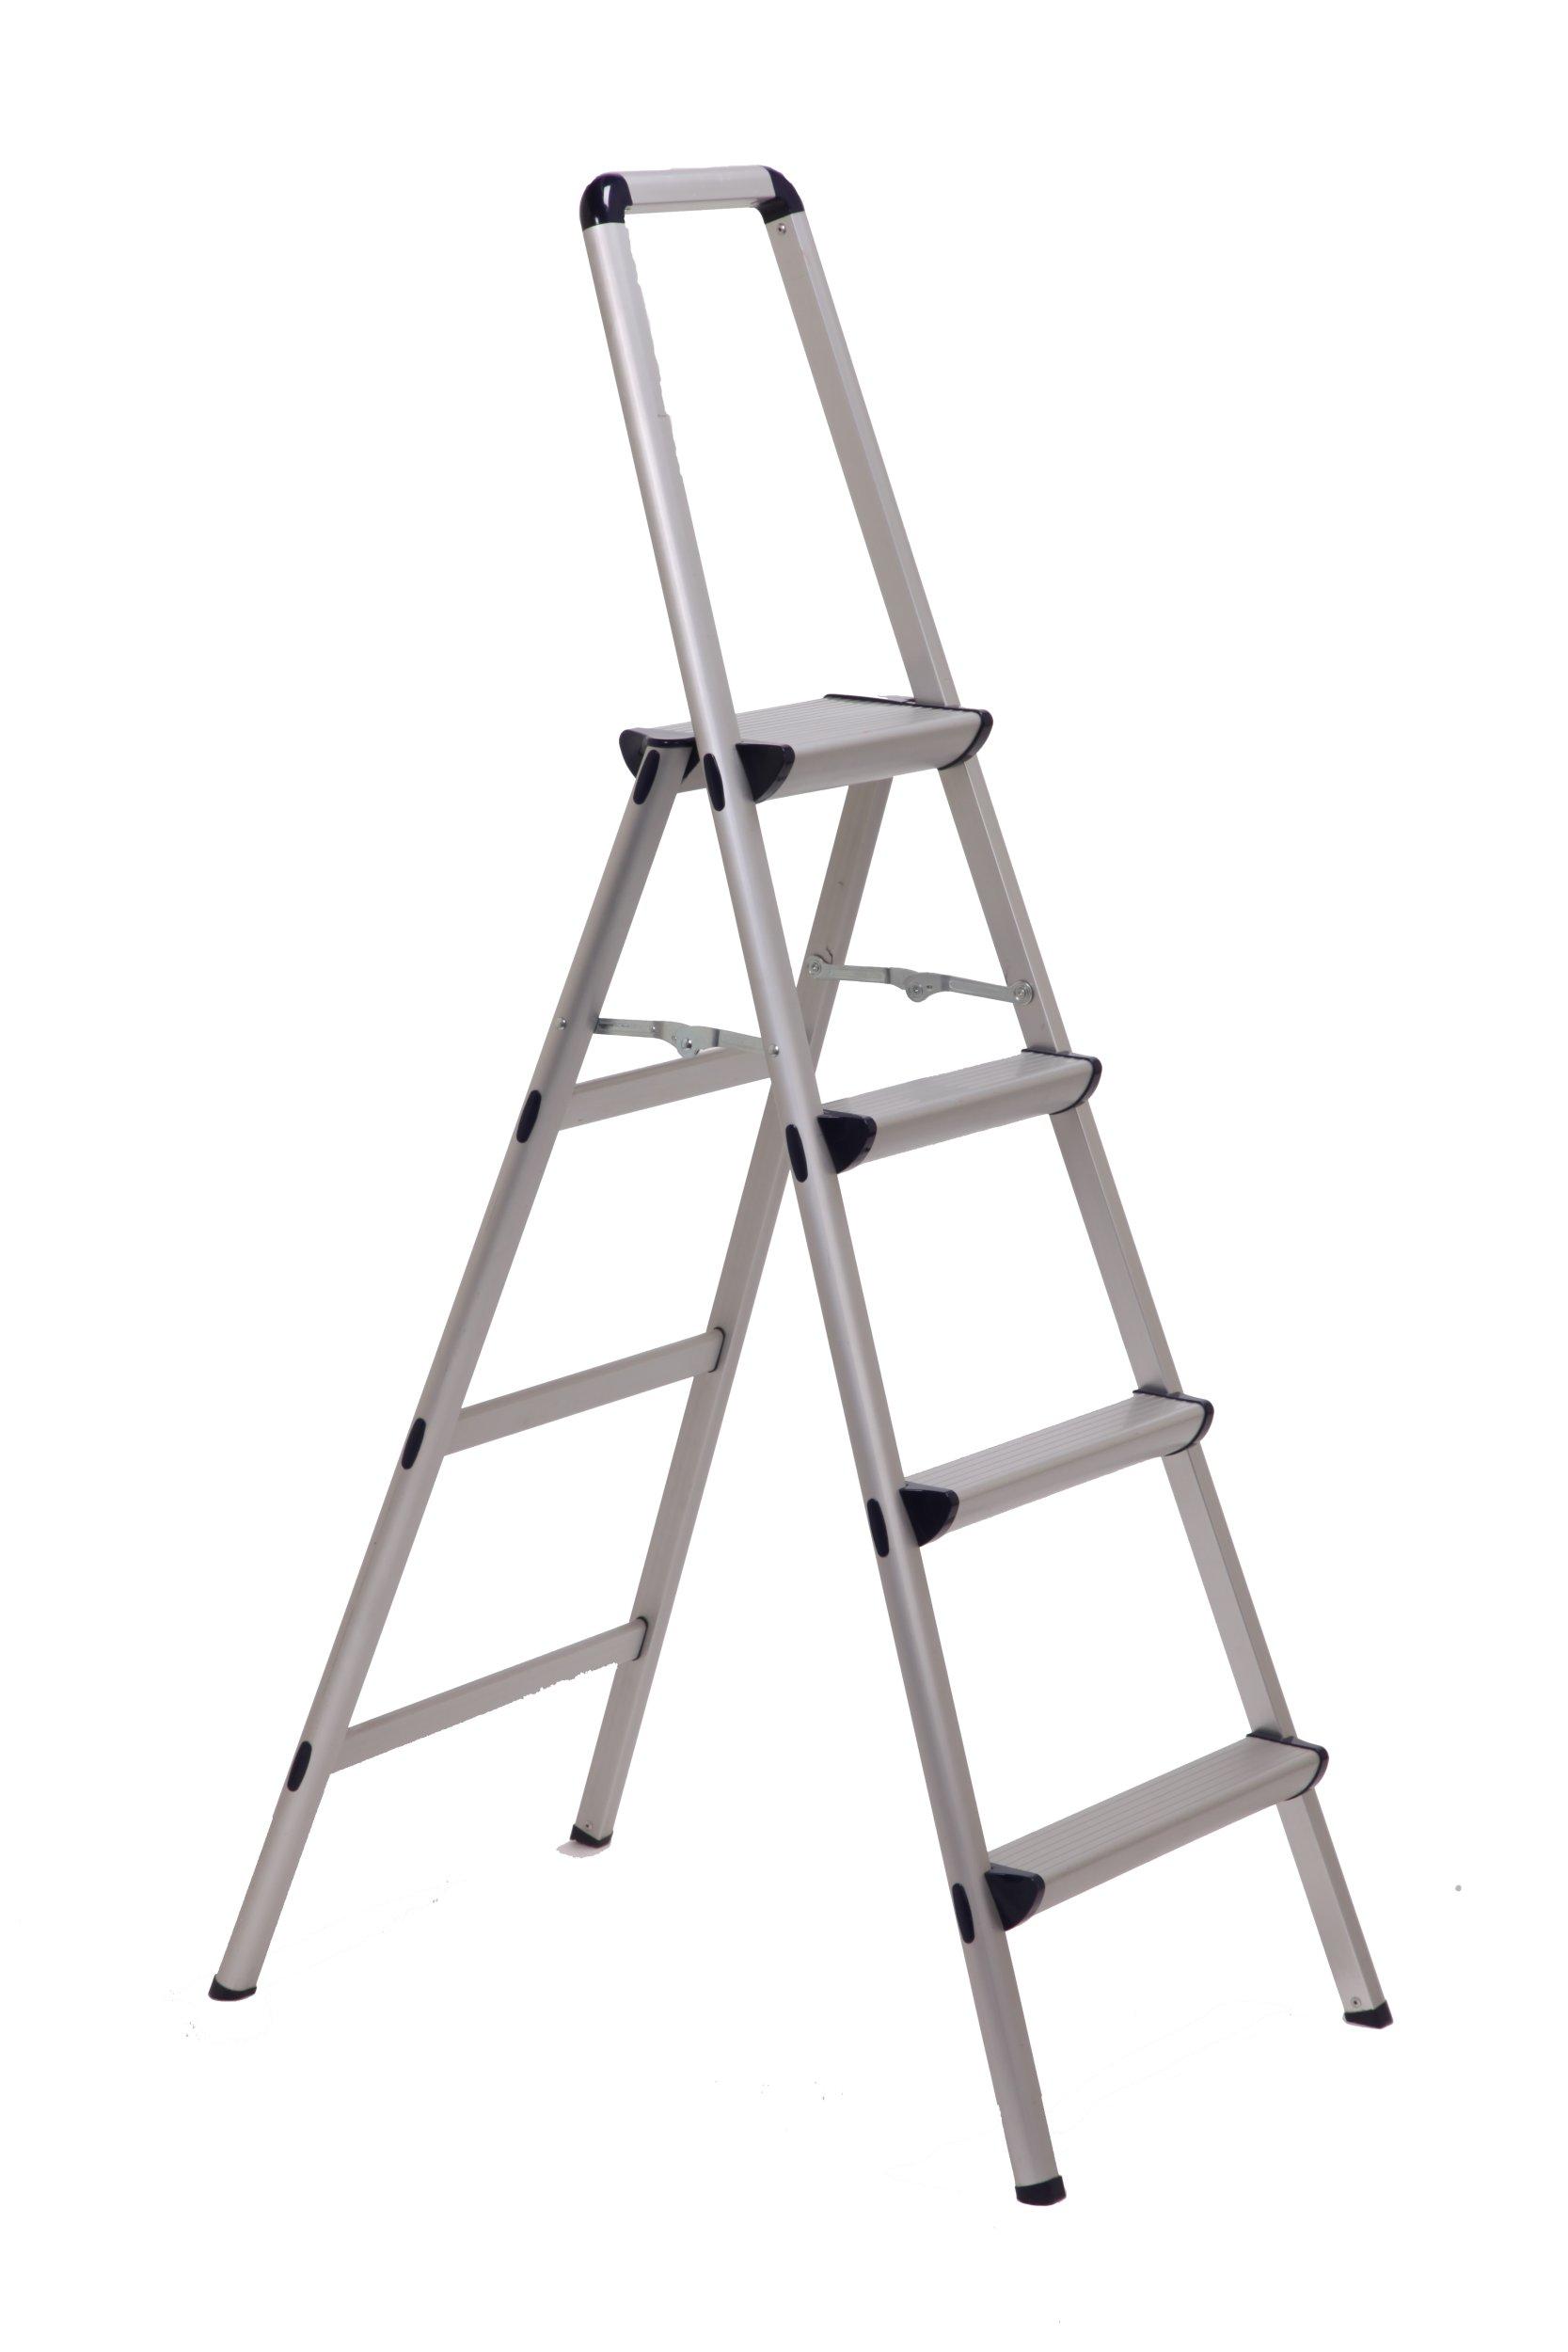 Xtend & Climb FT-4 Ultra Lightweight Aluminum Stool, 4-Step